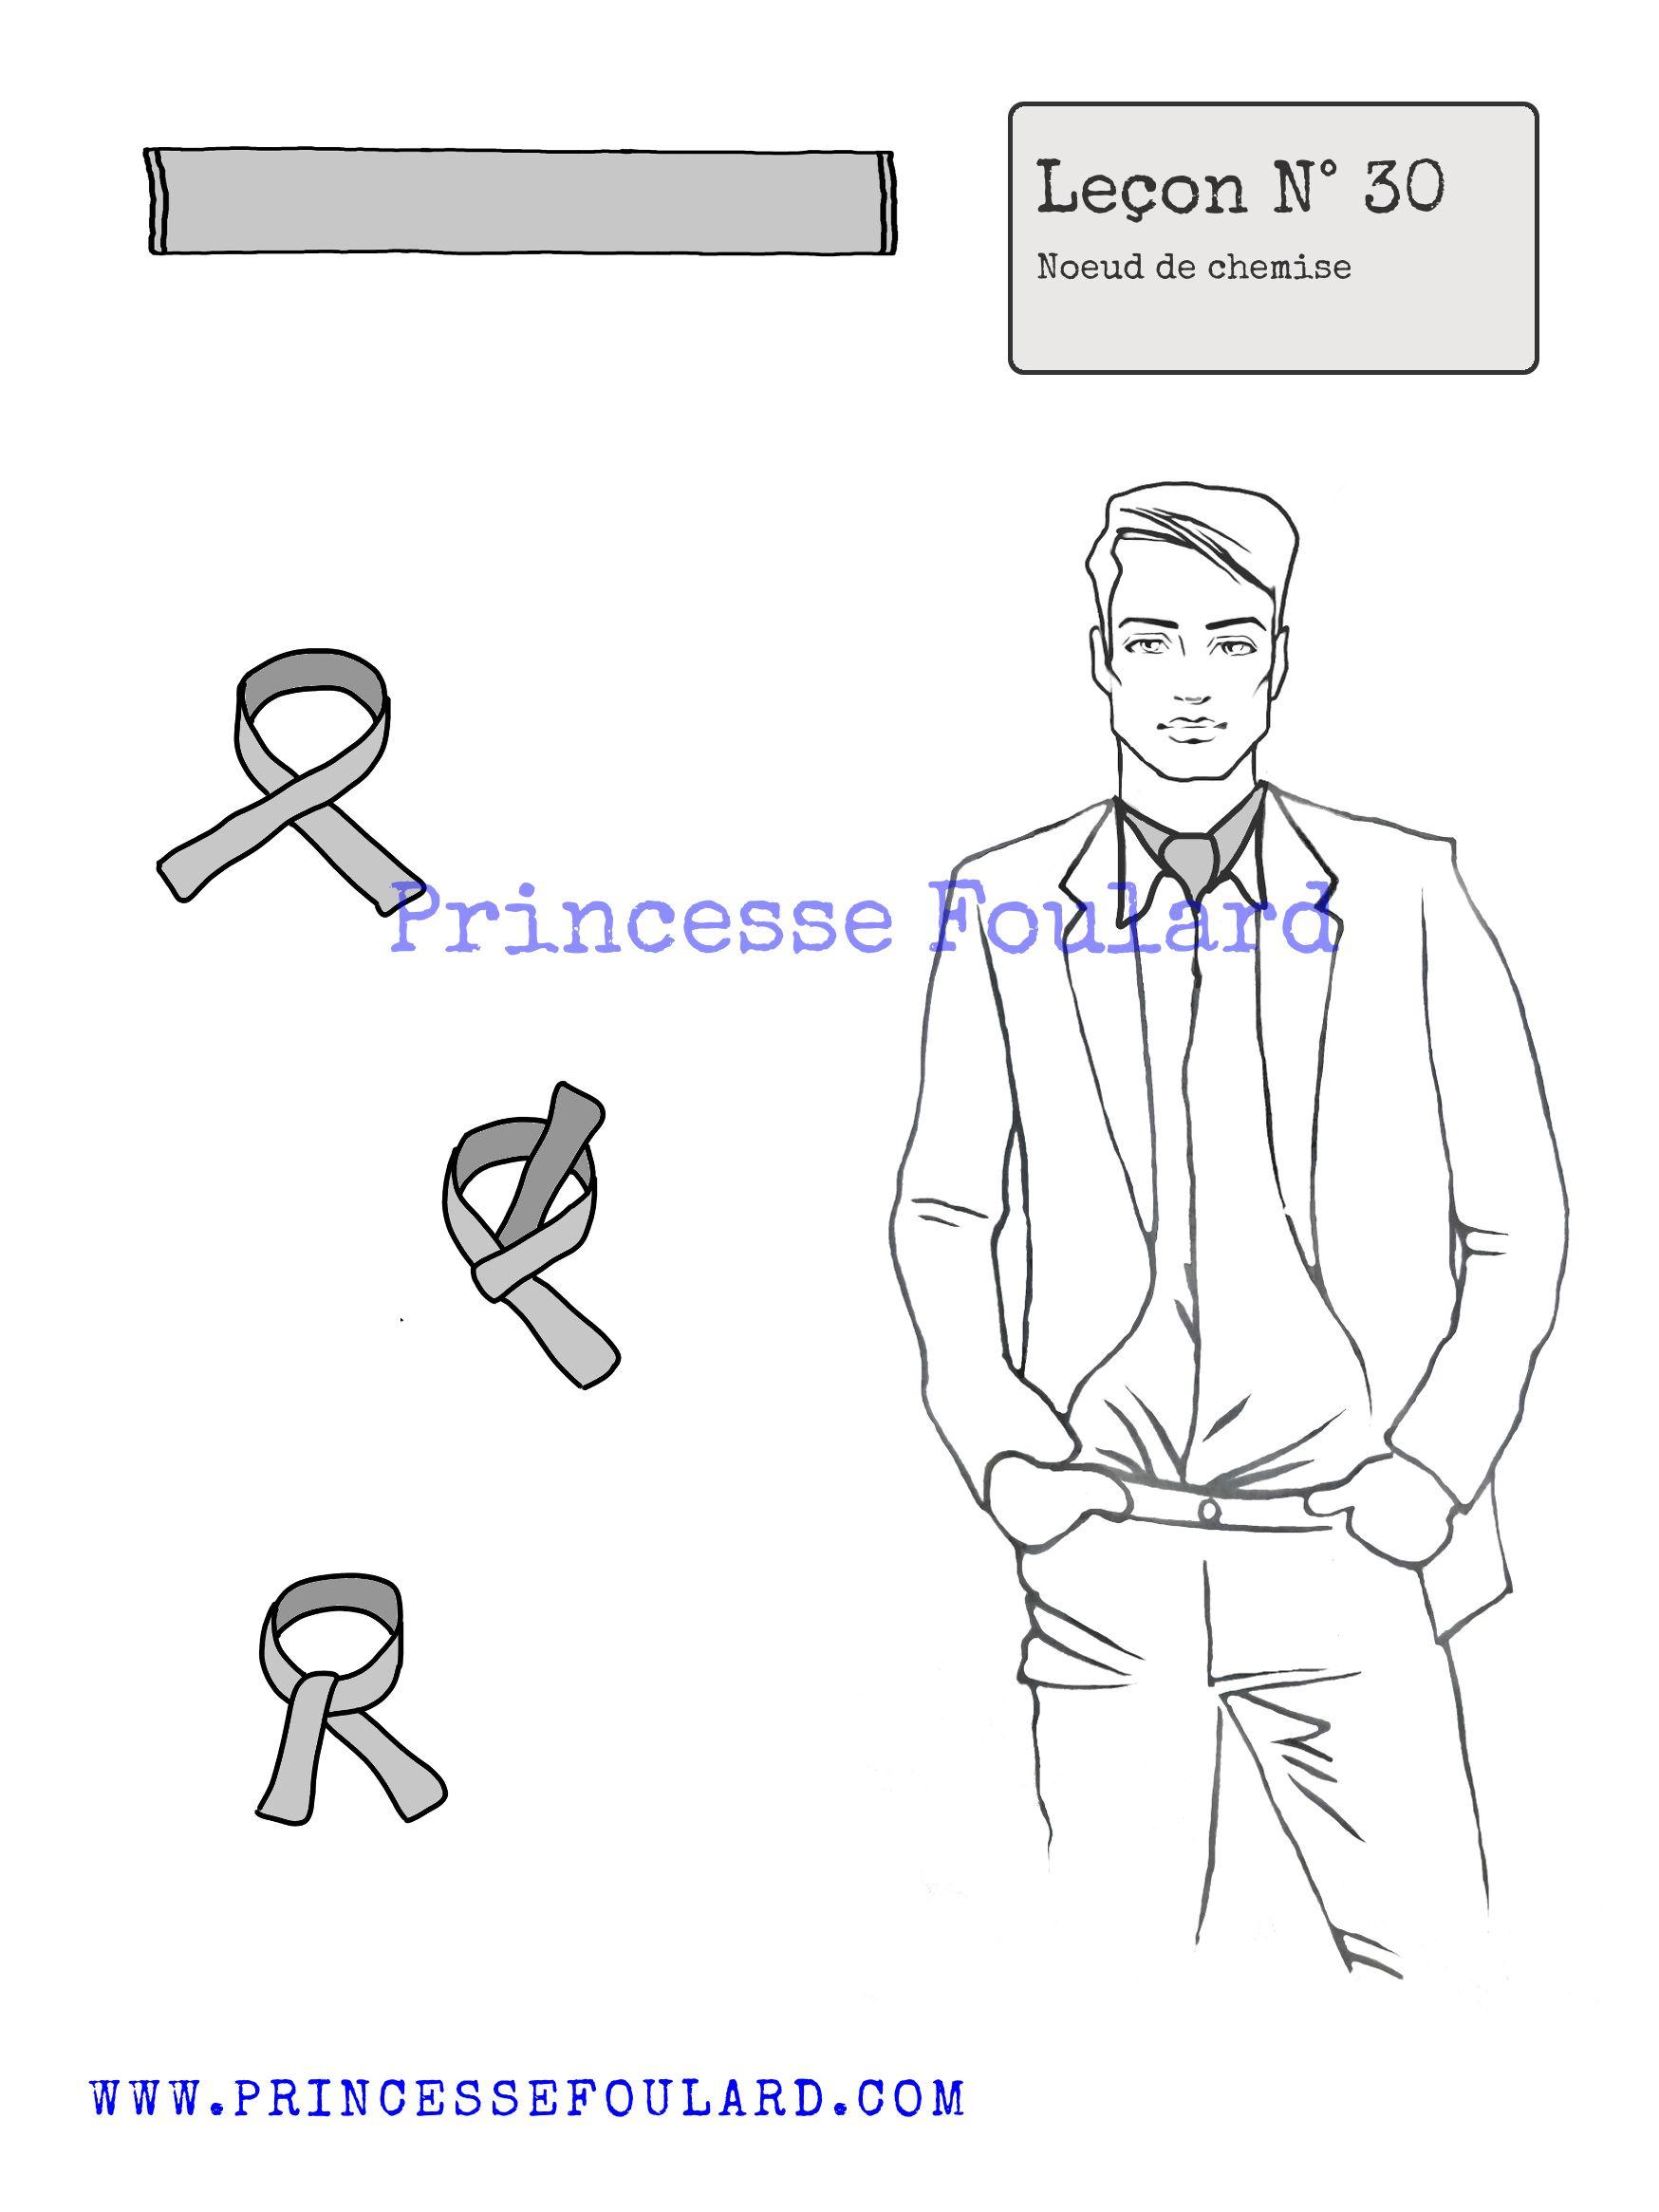 Pour comment porter foulard avec une chemise et comment le mettre autour du  cou avec style et allure, Nouer un foulard sous une chemise d homme ou  femme. 065f1ff4b37